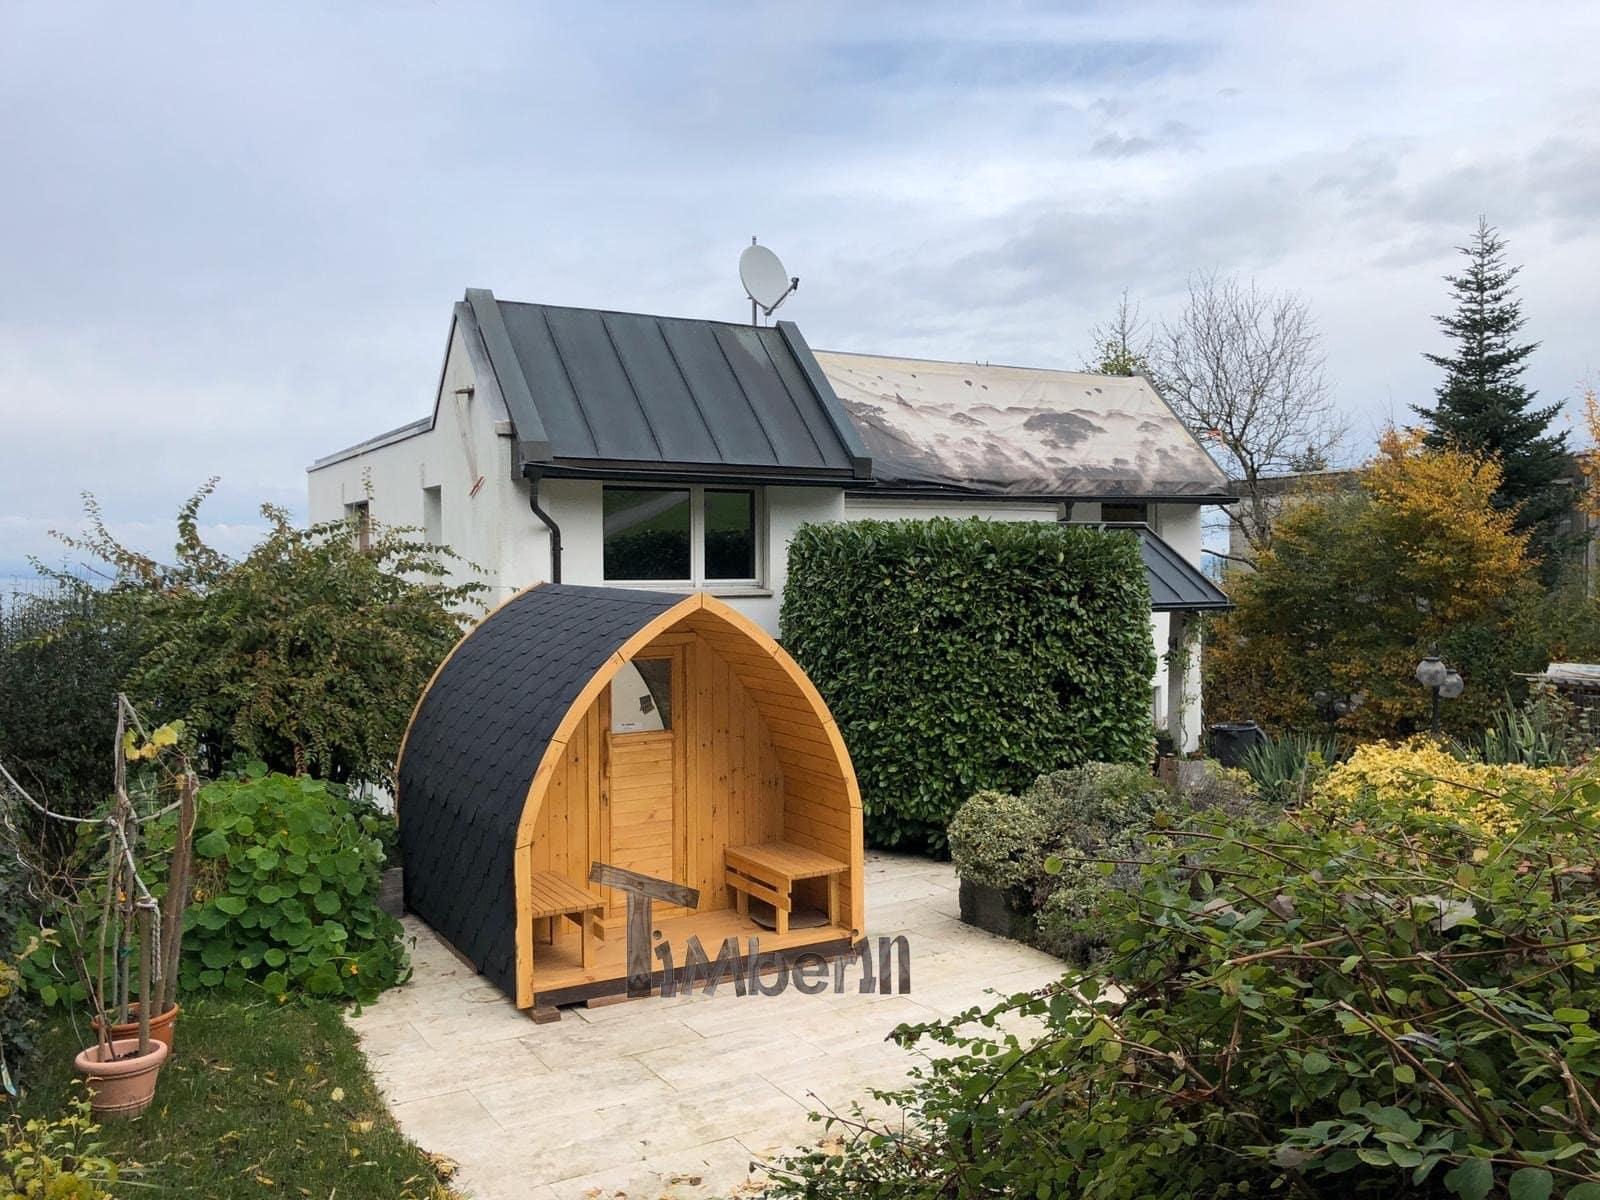 Außensauna-für-Garten-Iglu-Design-Heinz-Rorschacherberg-Schweiz-3 Bewertungen - Erfahrung TimberIN